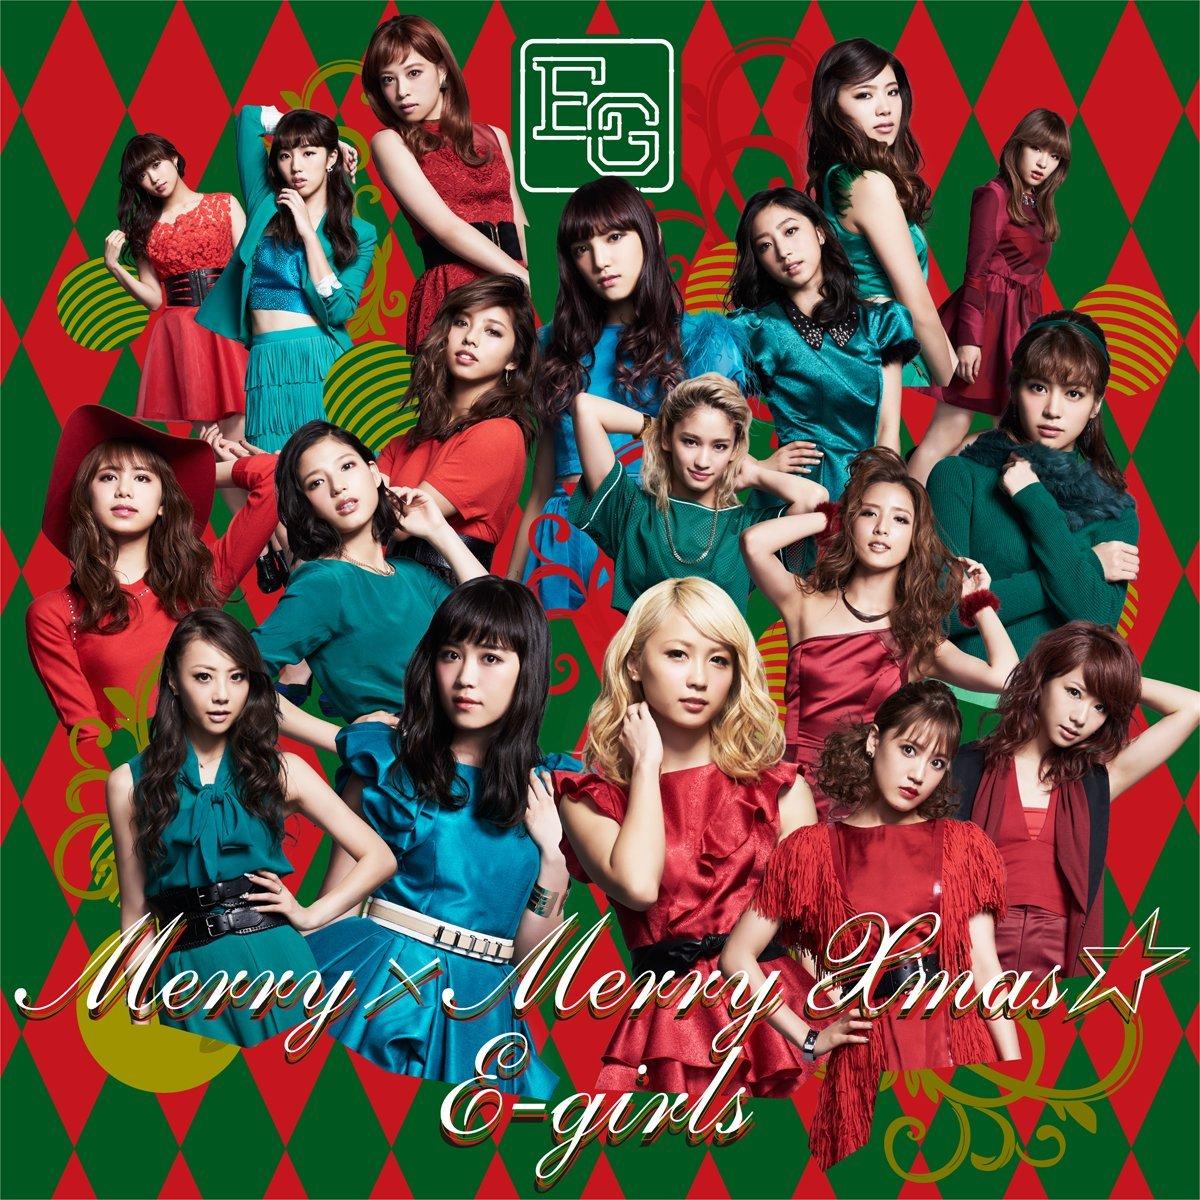 E-girls - Merry Merry Xmas CD only.jpg